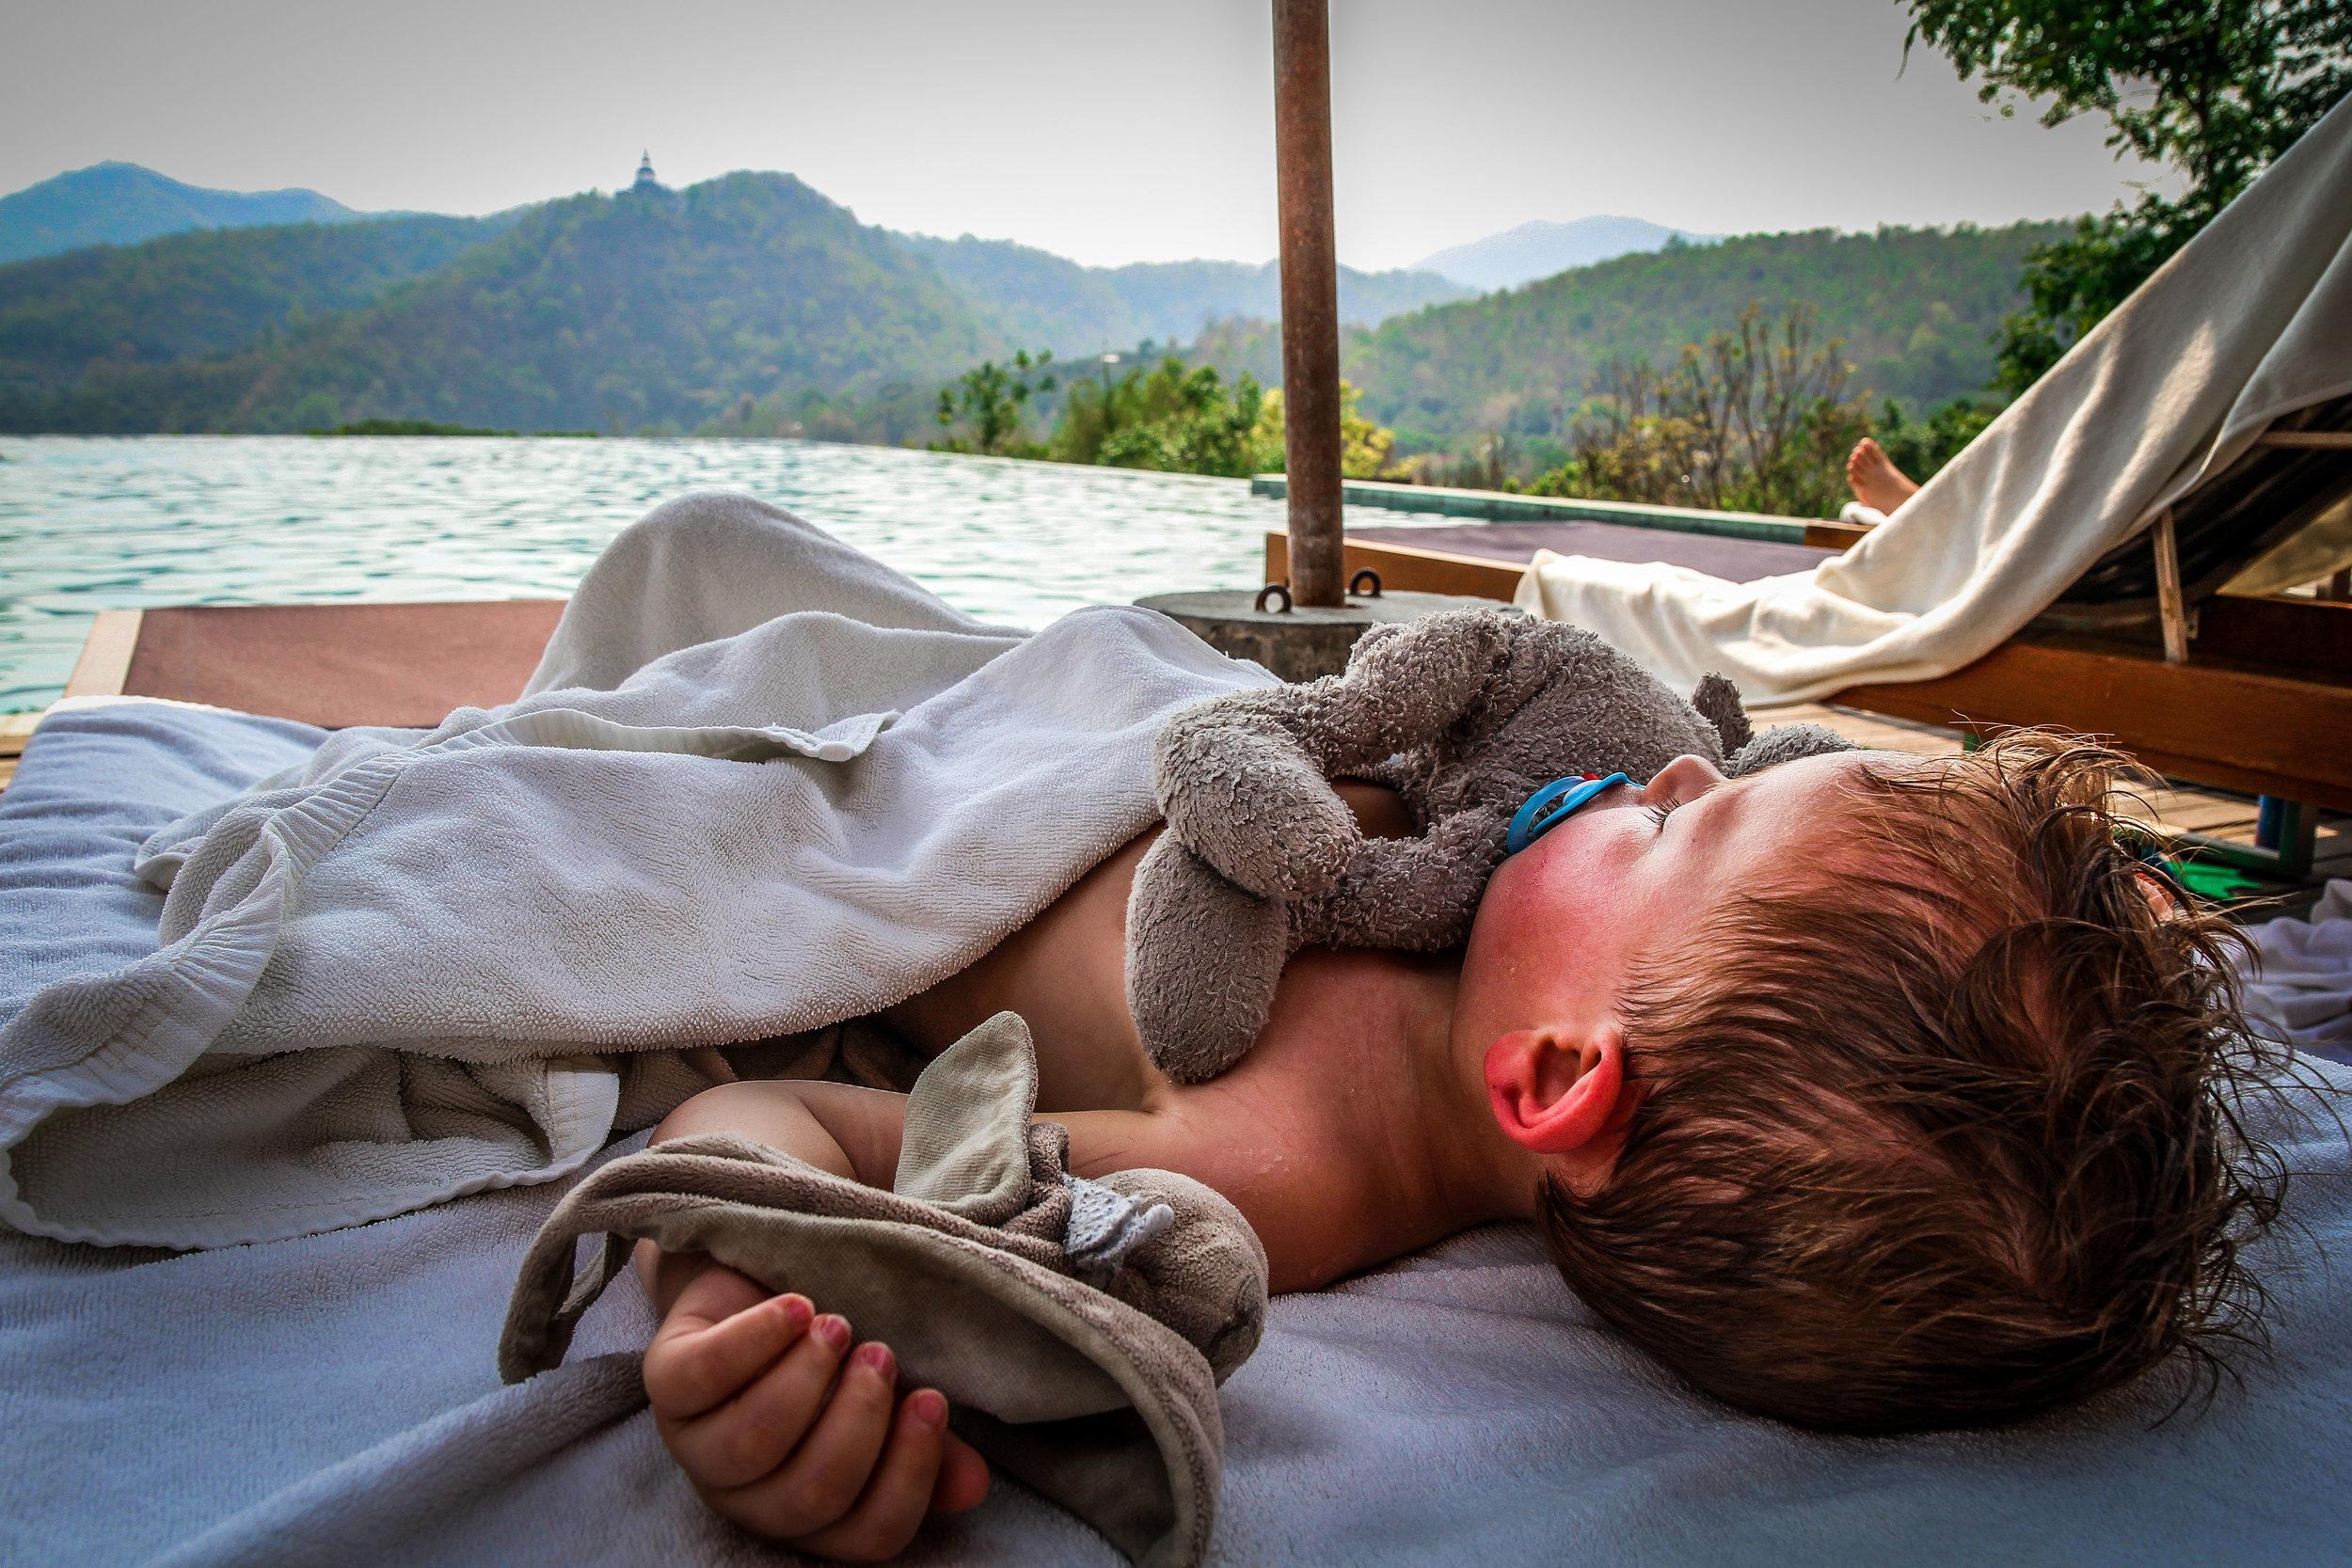 Thailand_Chiangmai_Reizen_met_kinderen_Veranda_Resort (1 van 311.jpg